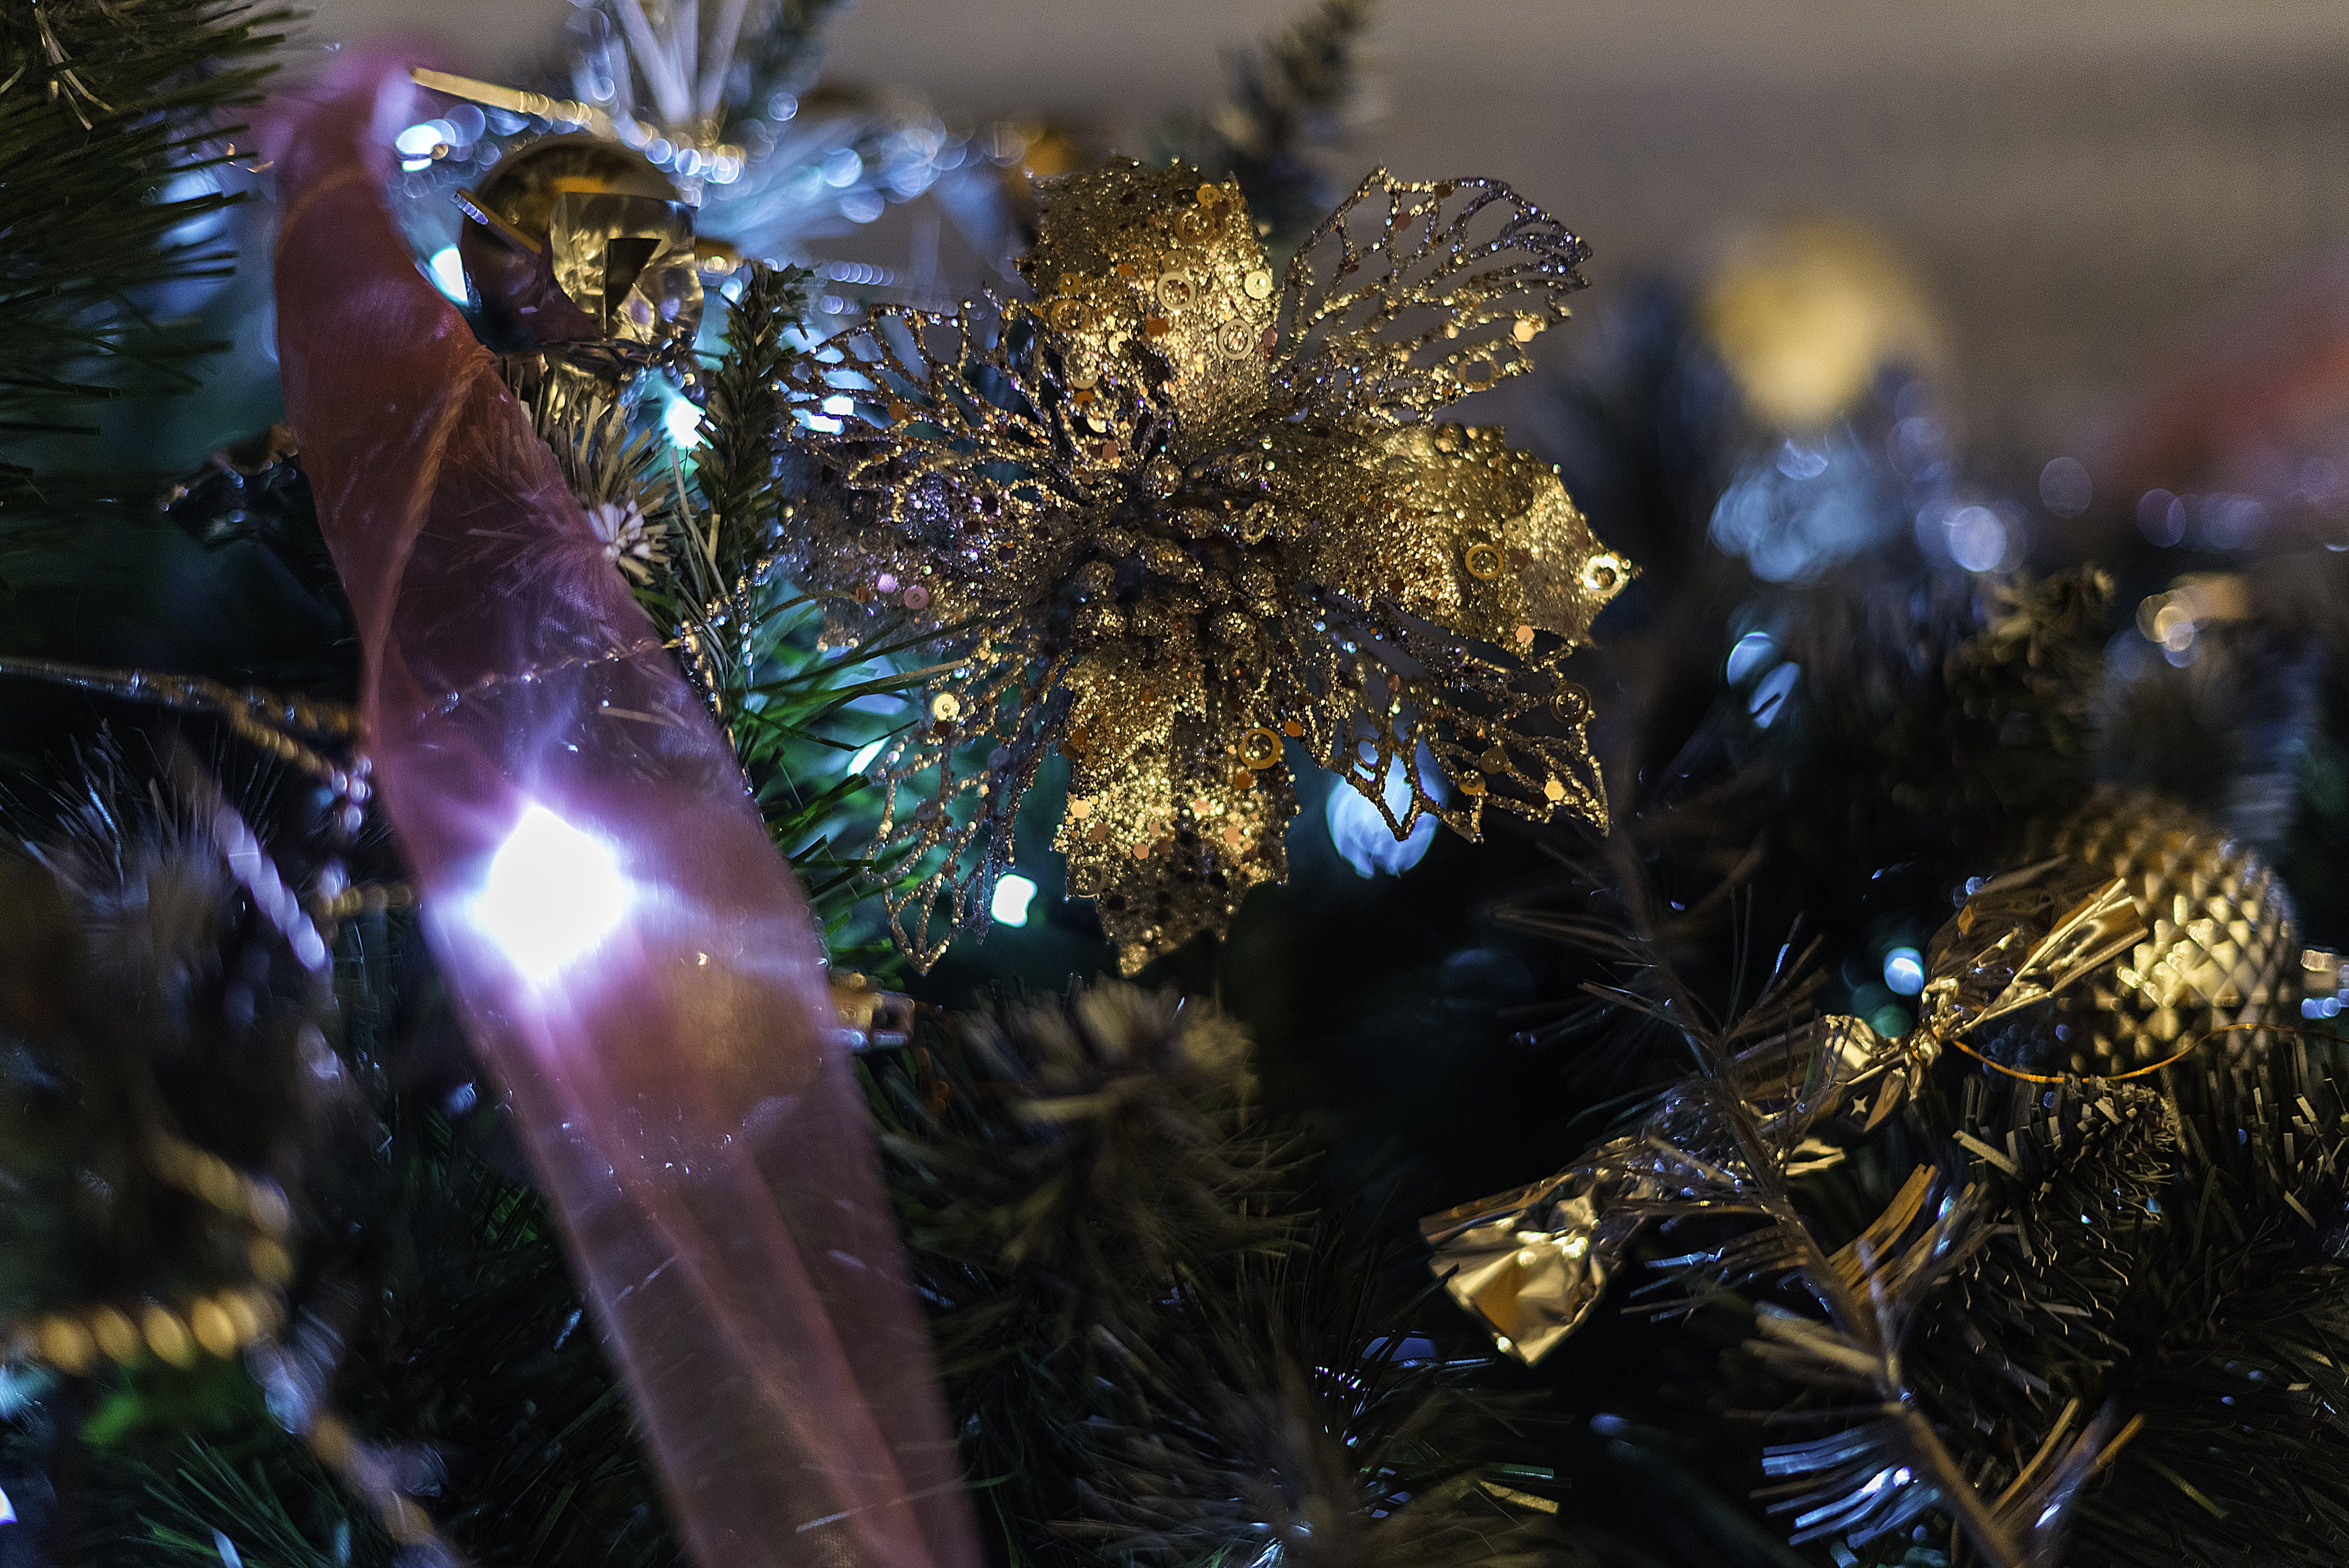 光, 光反射, 分公司, 季節 的 免费素材照片